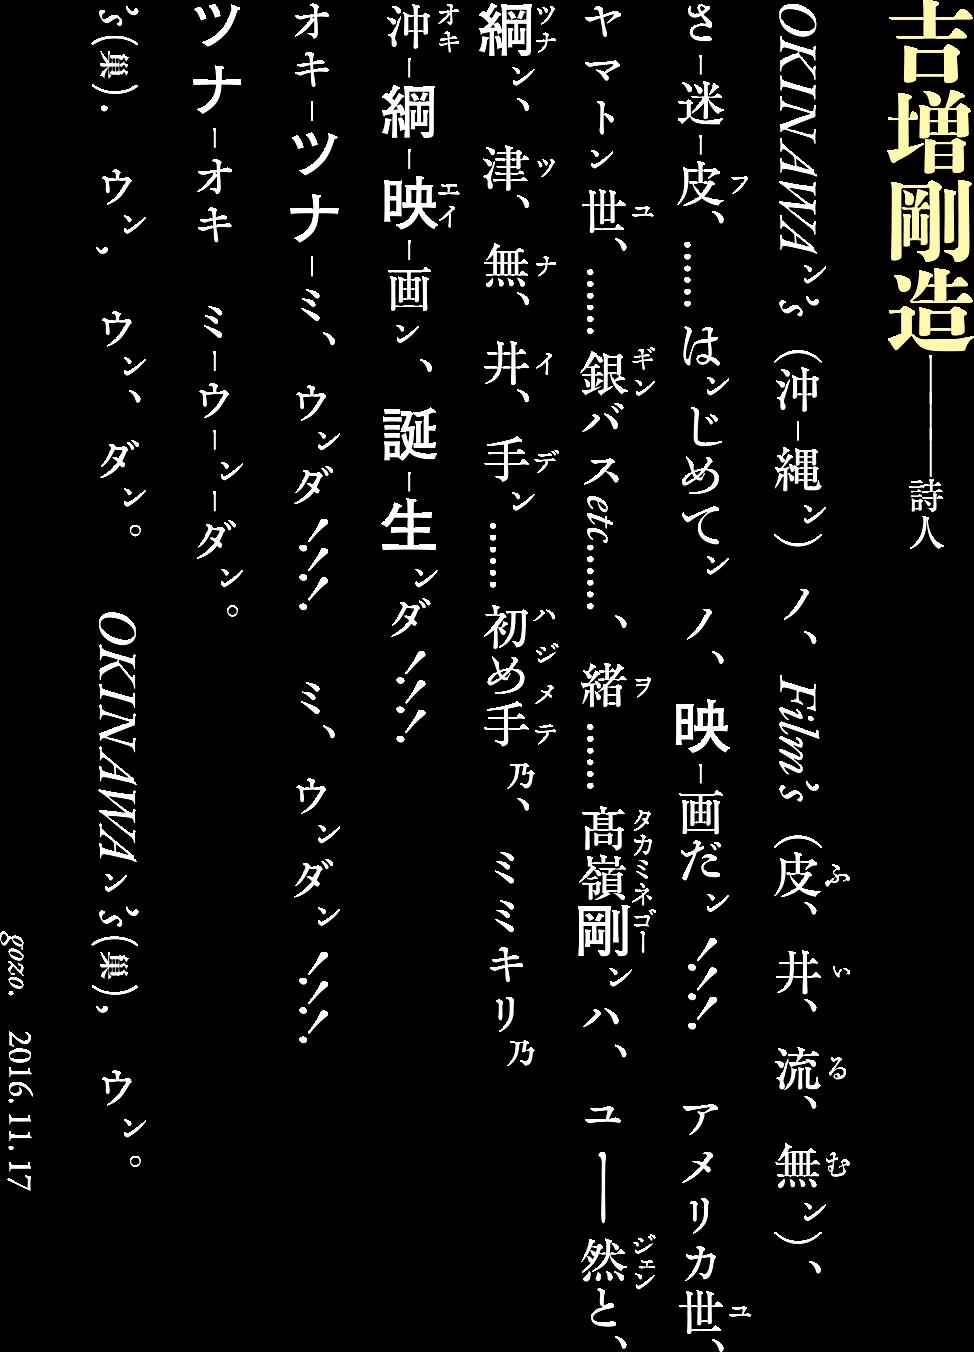 吉増剛造・髙嶺映画コメント